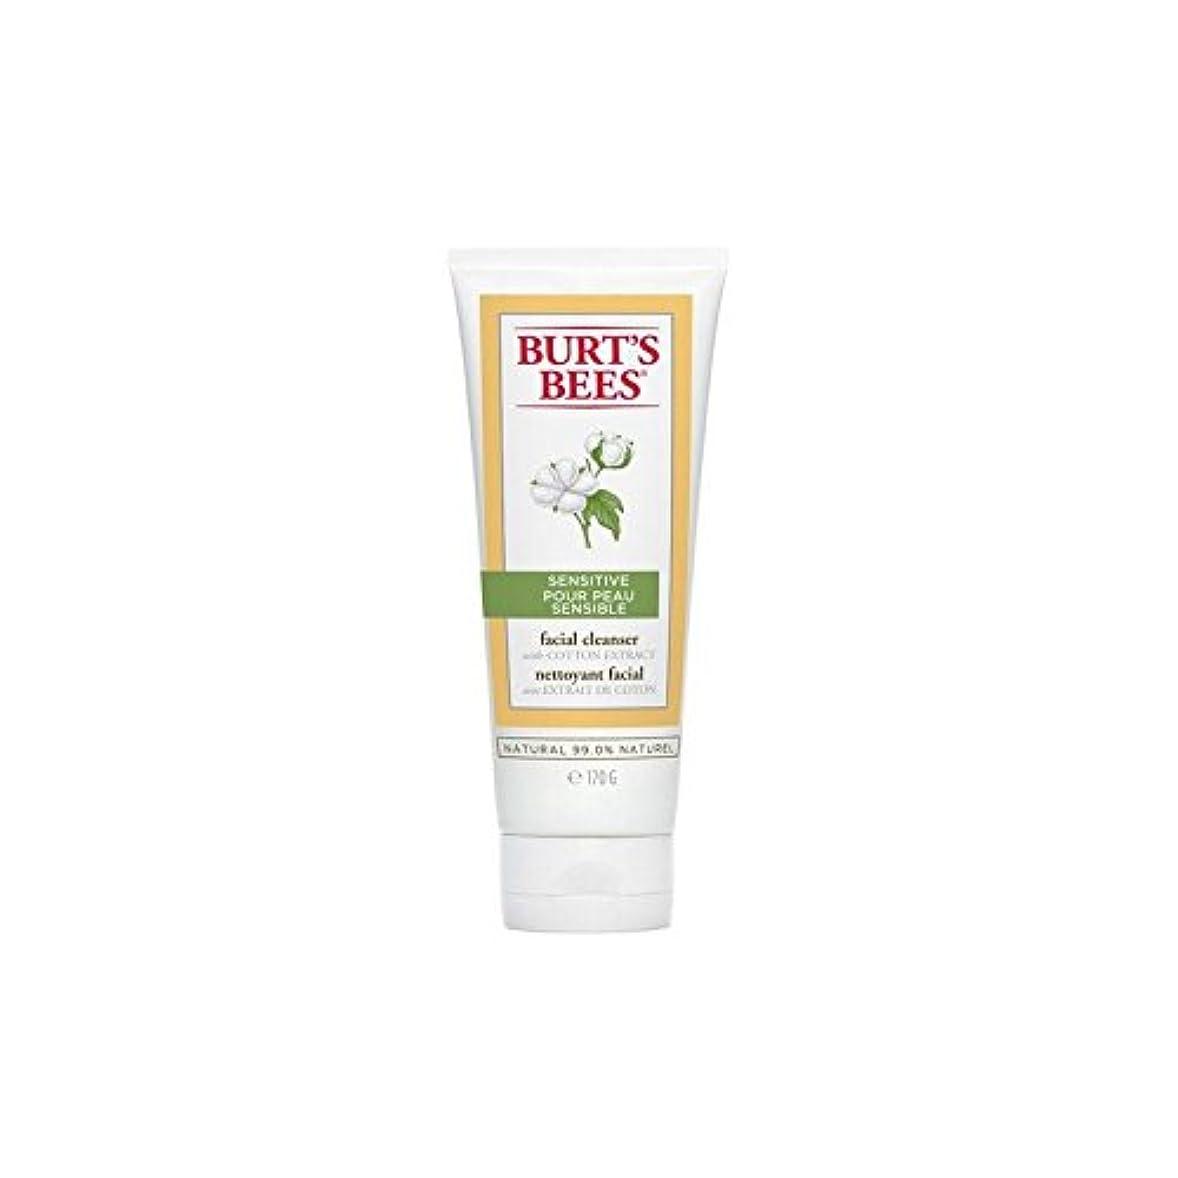 レクリエーションたぶん恒久的バーツビー敏感な洗顔料の170グラム x4 - Burt's Bees Sensitive Facial Cleanser 170G (Pack of 4) [並行輸入品]